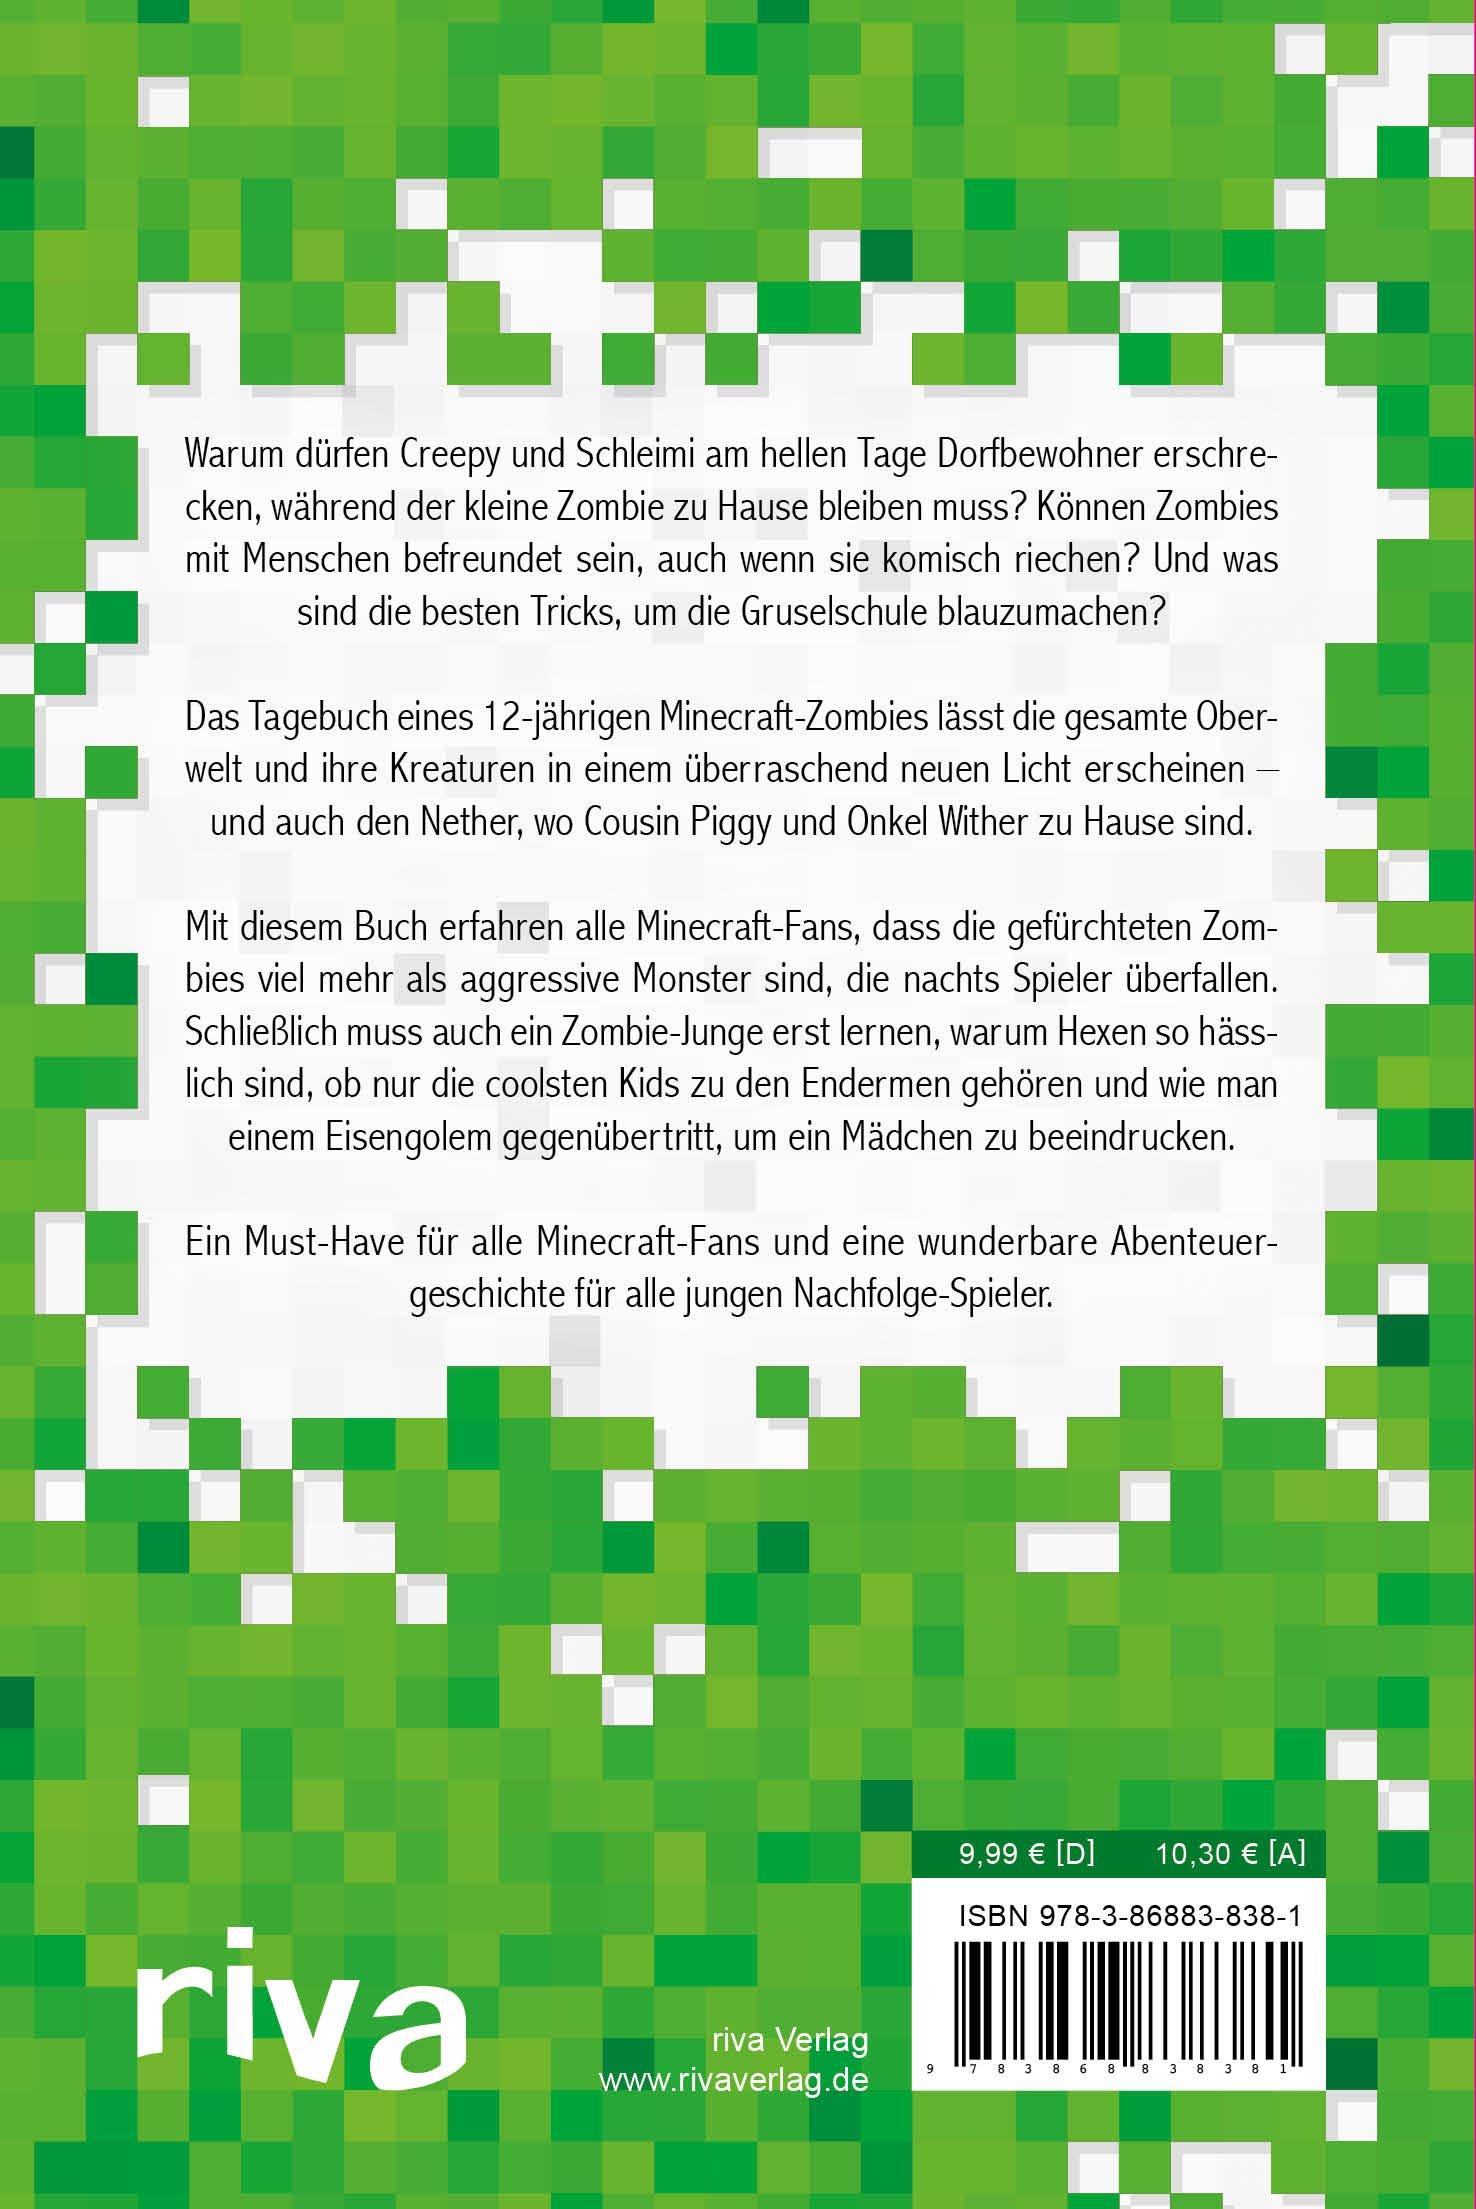 Tagebuch eines Minecraft-Zombies: Alles über meine Besuche im Nether ...